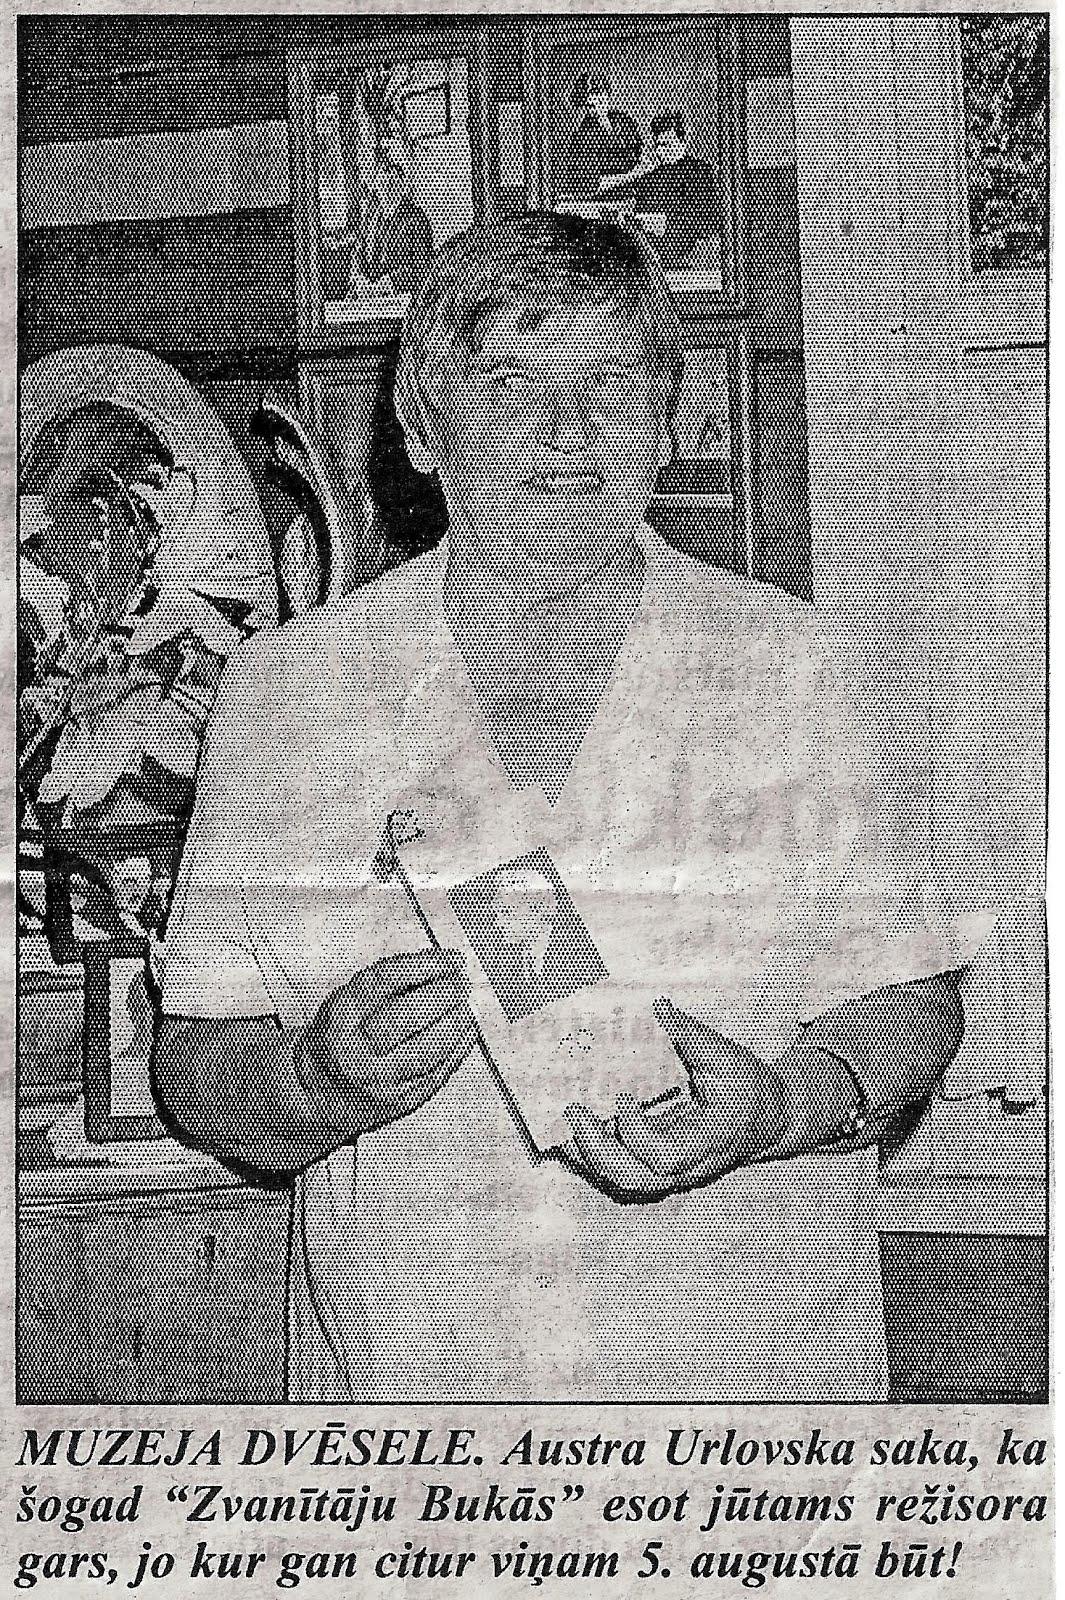 Muzeja vadītāj Austra Urlovska 2000. gada 5. augustā